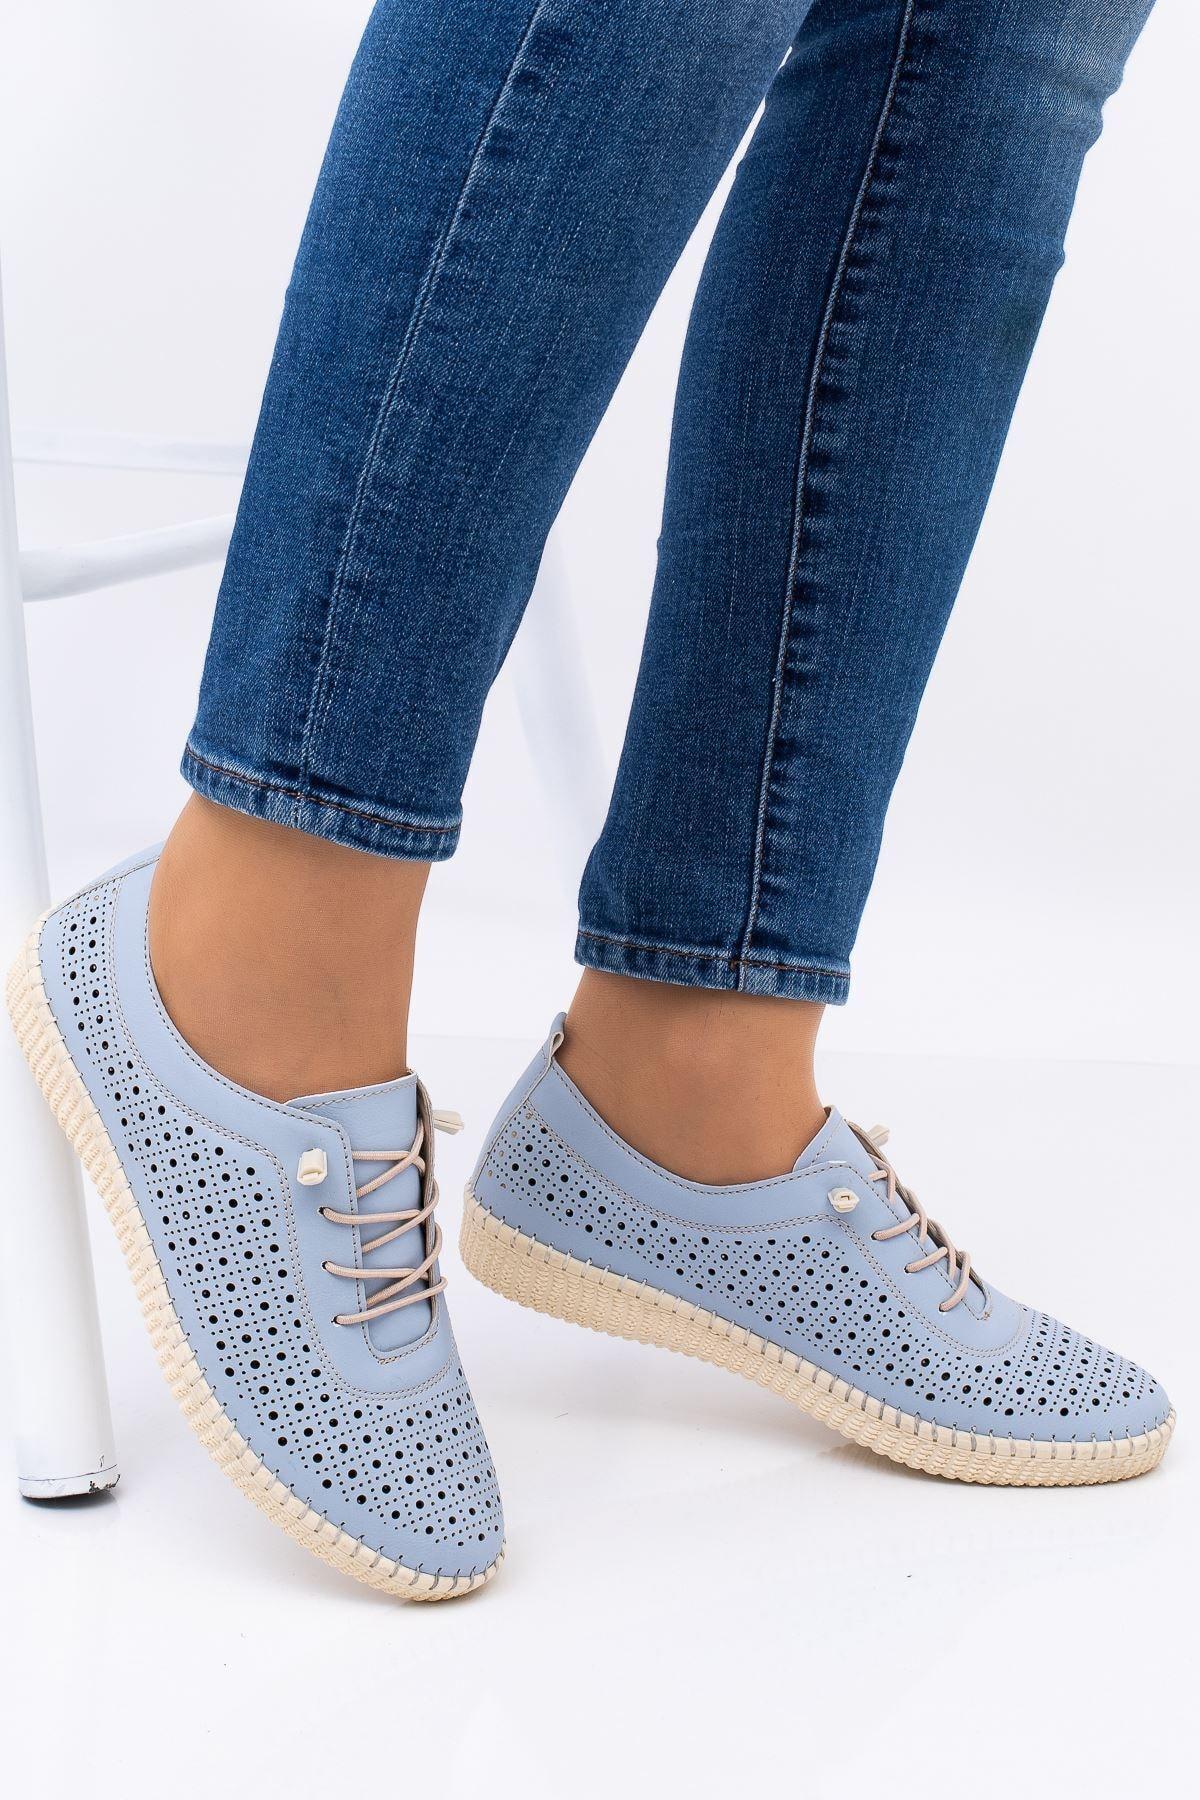 Hoba Kadın Mavi Ortopedik Delikli İpli İçi Deri Alçak Topuk Günlük Rahat Ayakkabı 1